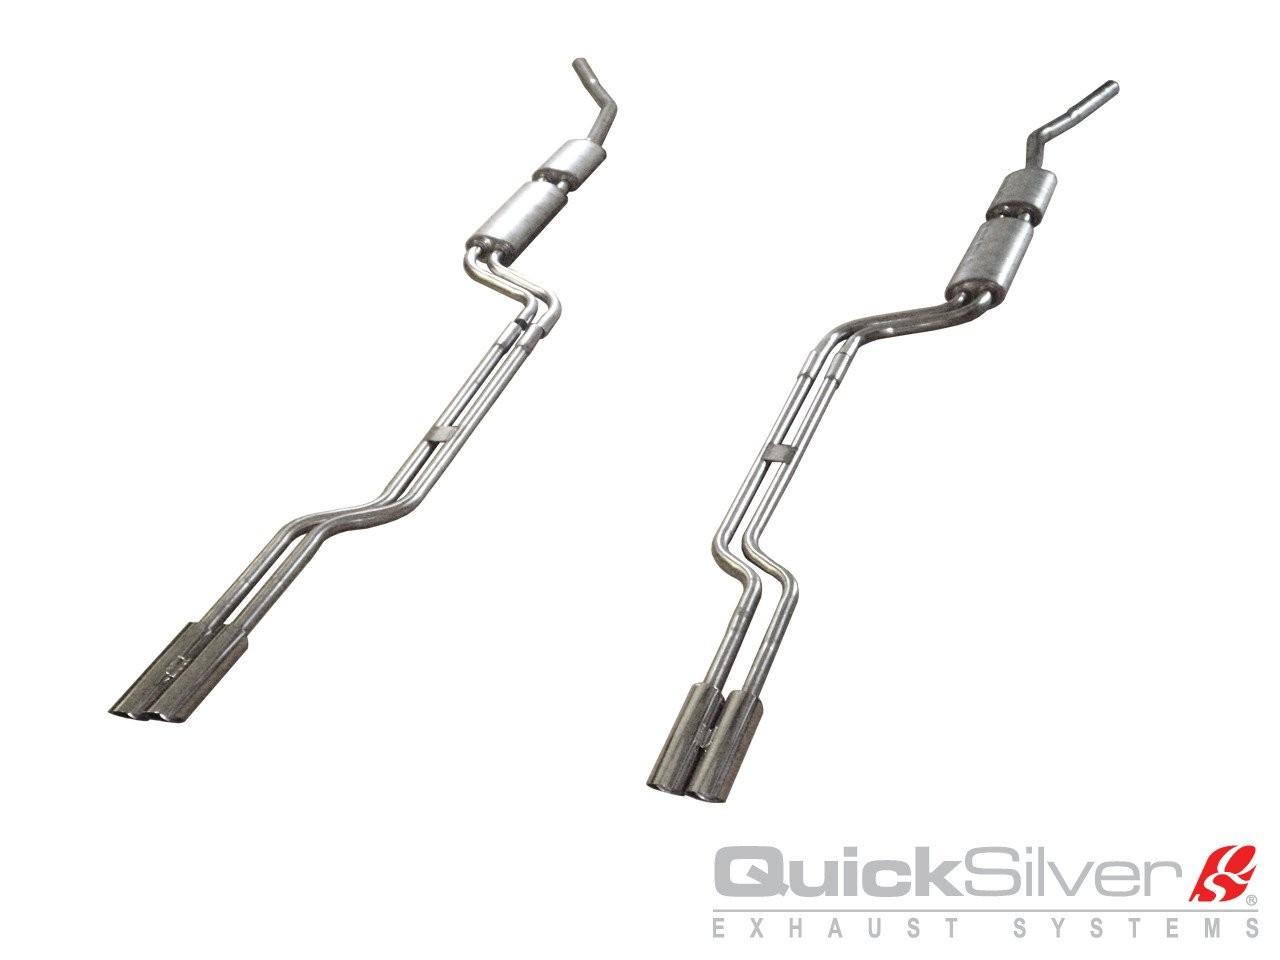 QuickSilver Exhausts Heritage | Ferrari 250 GT - Coupe, 1958-60, FE475 (Výfukový systém – nerezová ocel)